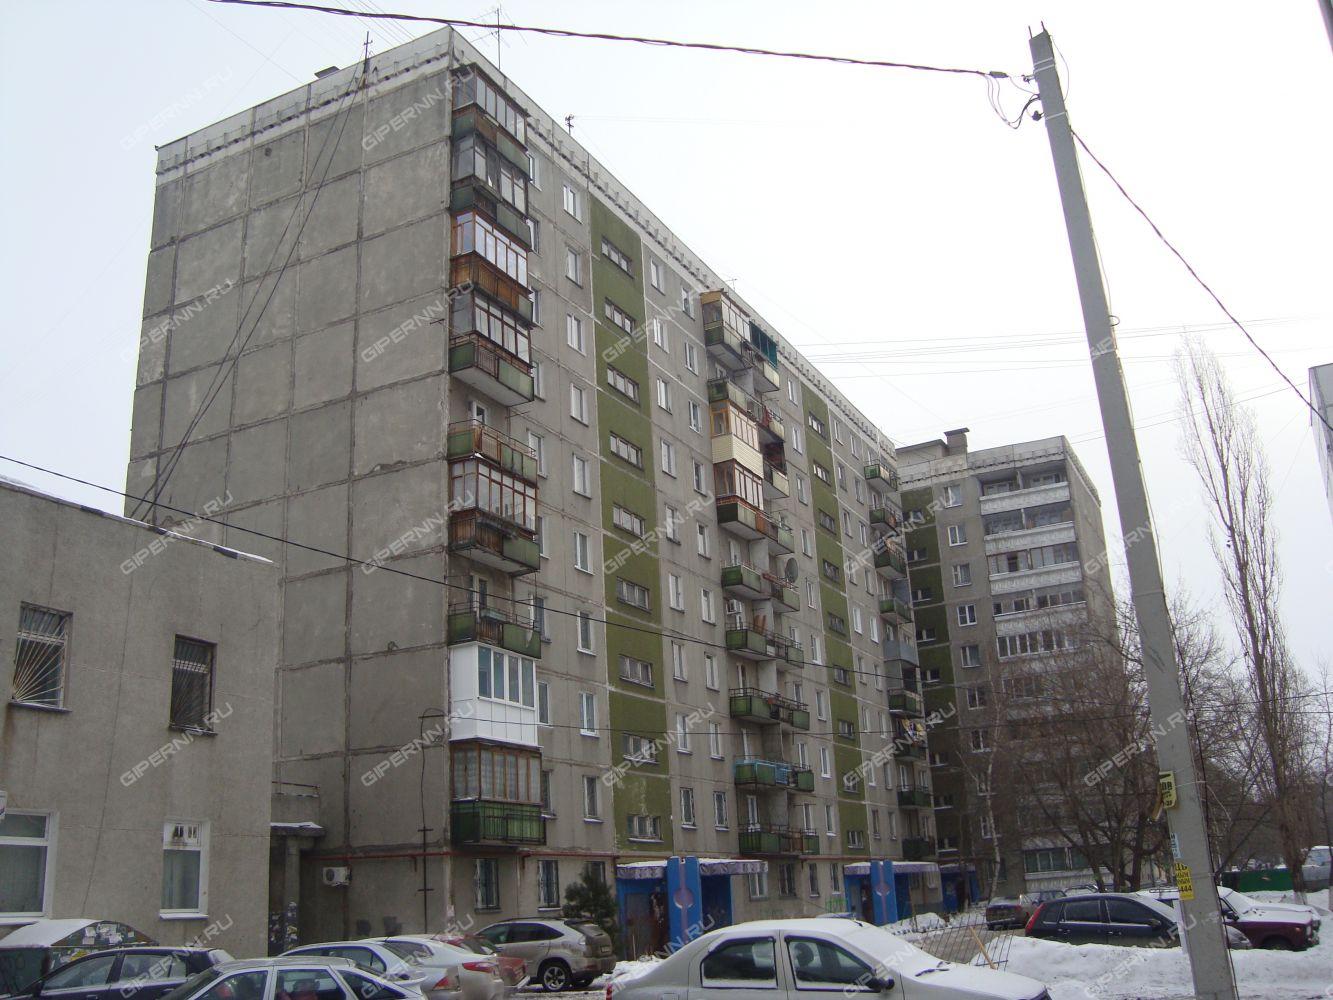 Гипермаркет нижний новгород коммерческая недвижимость Коммерческая недвижимость Московско-Казанский переулок